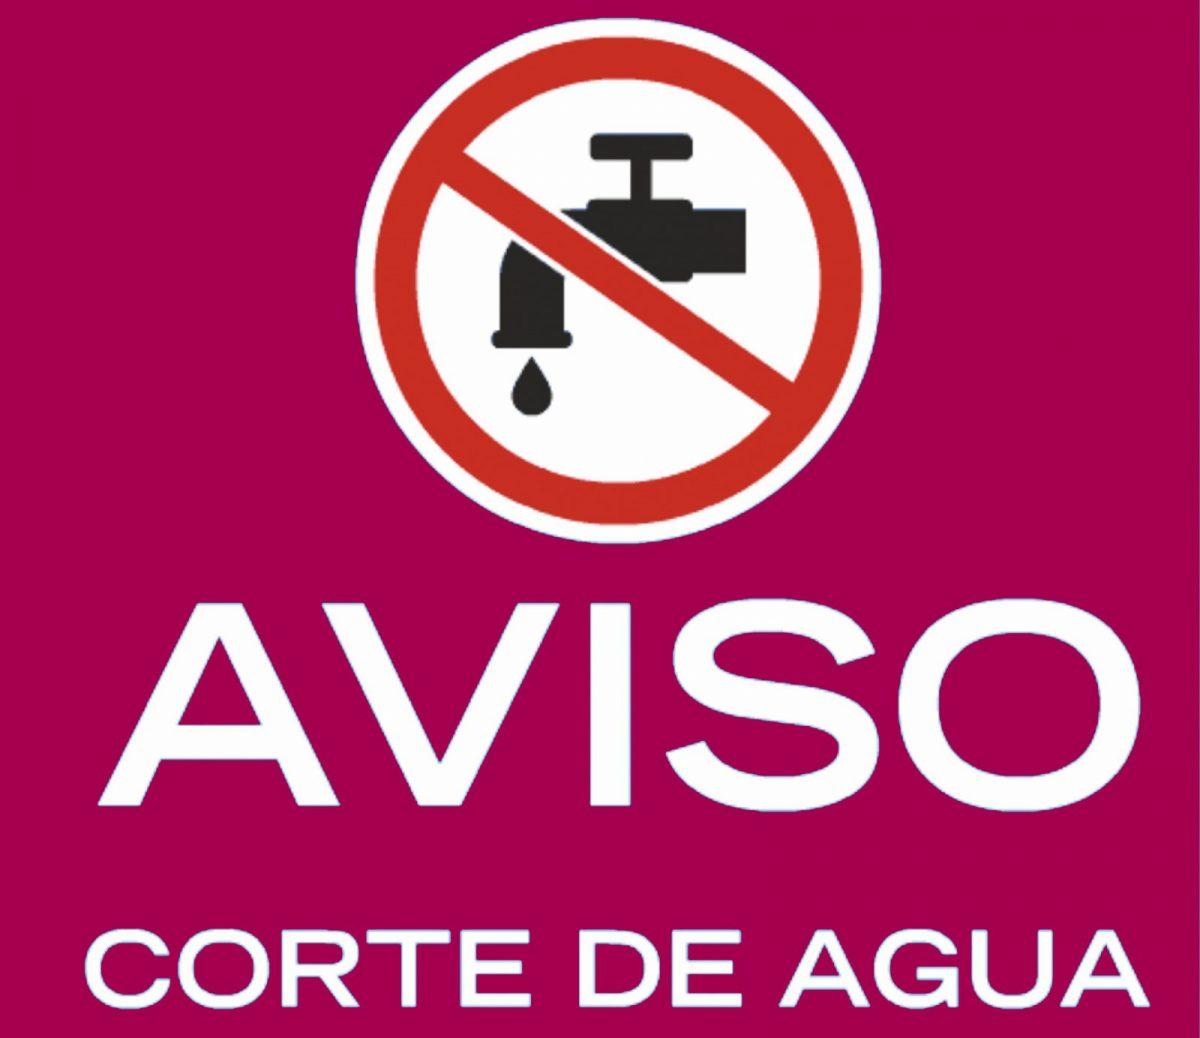 http://www.toledo.es/wp-content/uploads/2019/01/corte-agua-ayto-toledo-1200x1038.jpg. Previstos dos cortes de suministro de agua para este lunes 14 en Santa Bárbara y San Bernardo